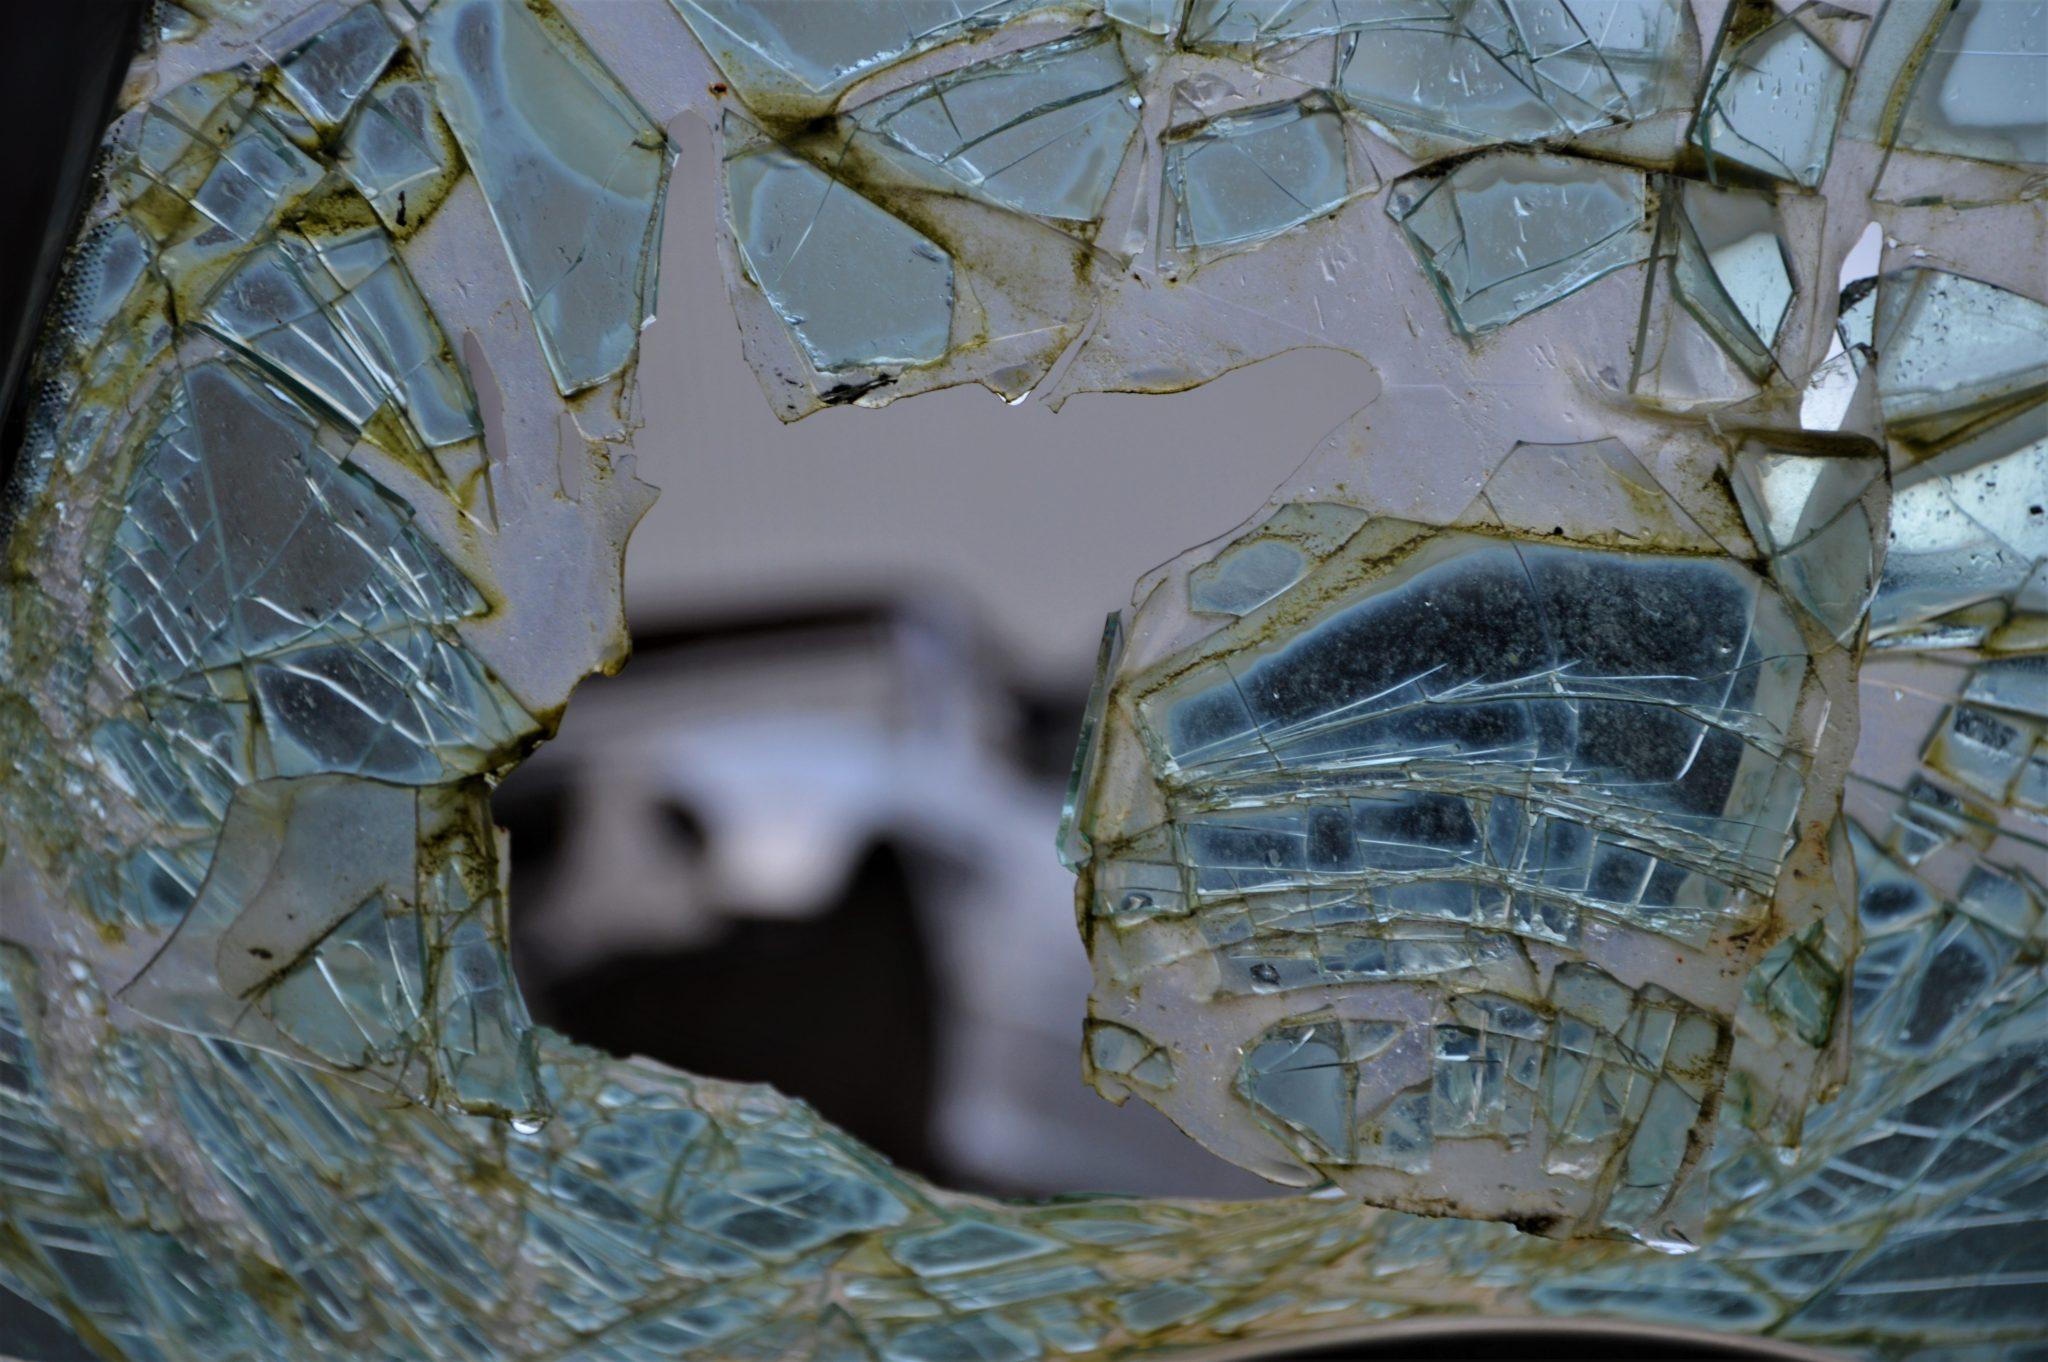 Autosloperij ruitschade